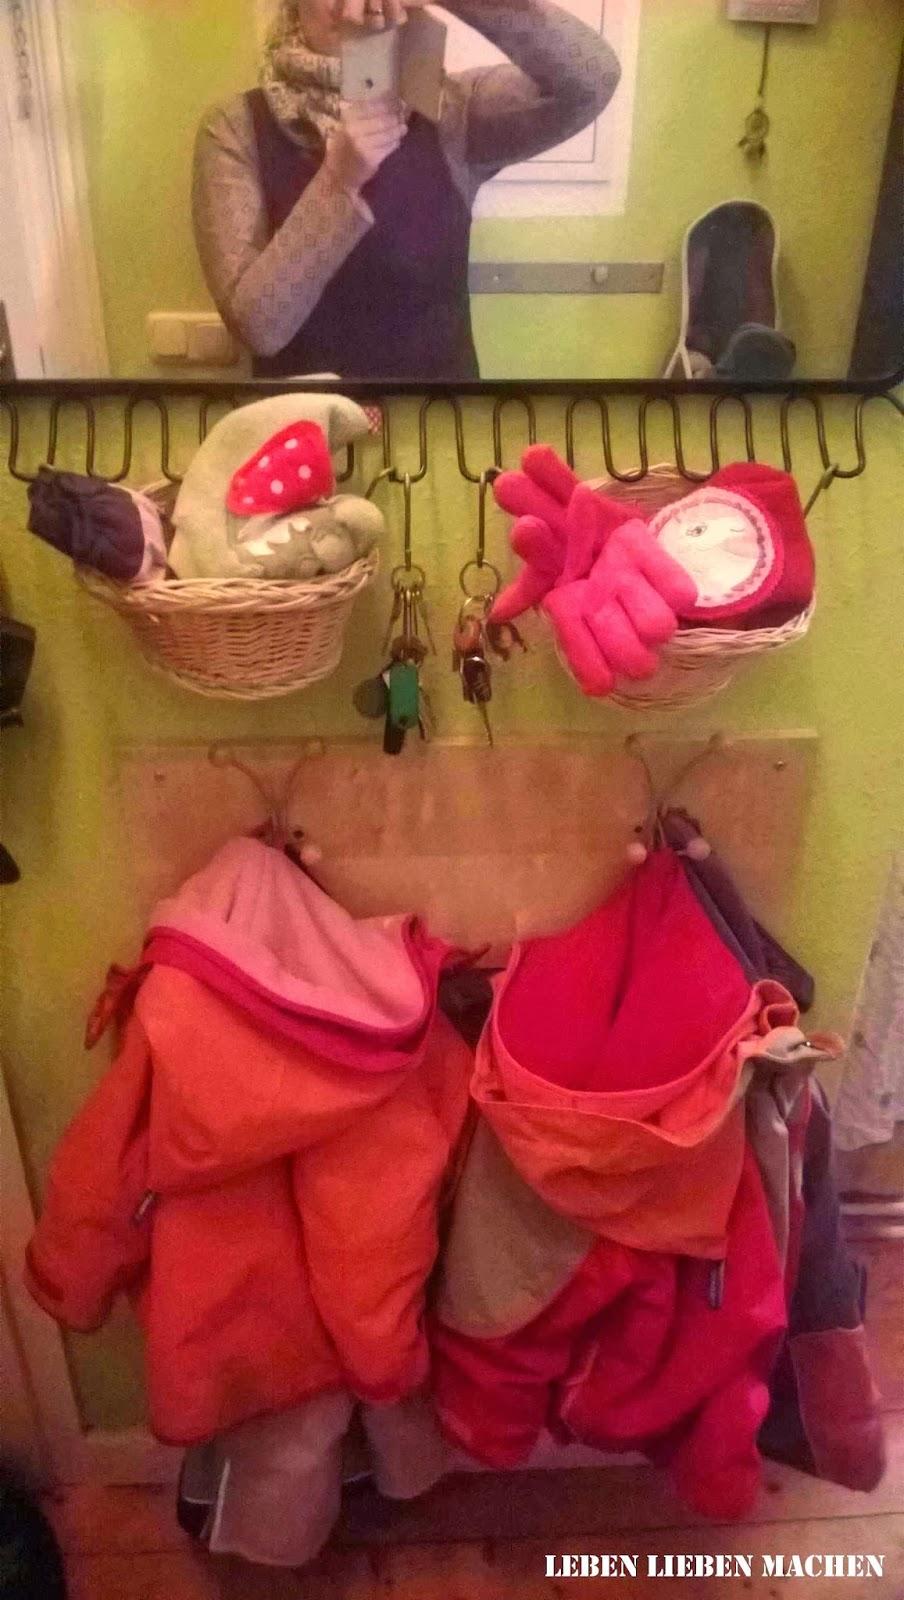 Leben lieben machen platz ist in der kleinsten h tte for Garderobe viele jacken